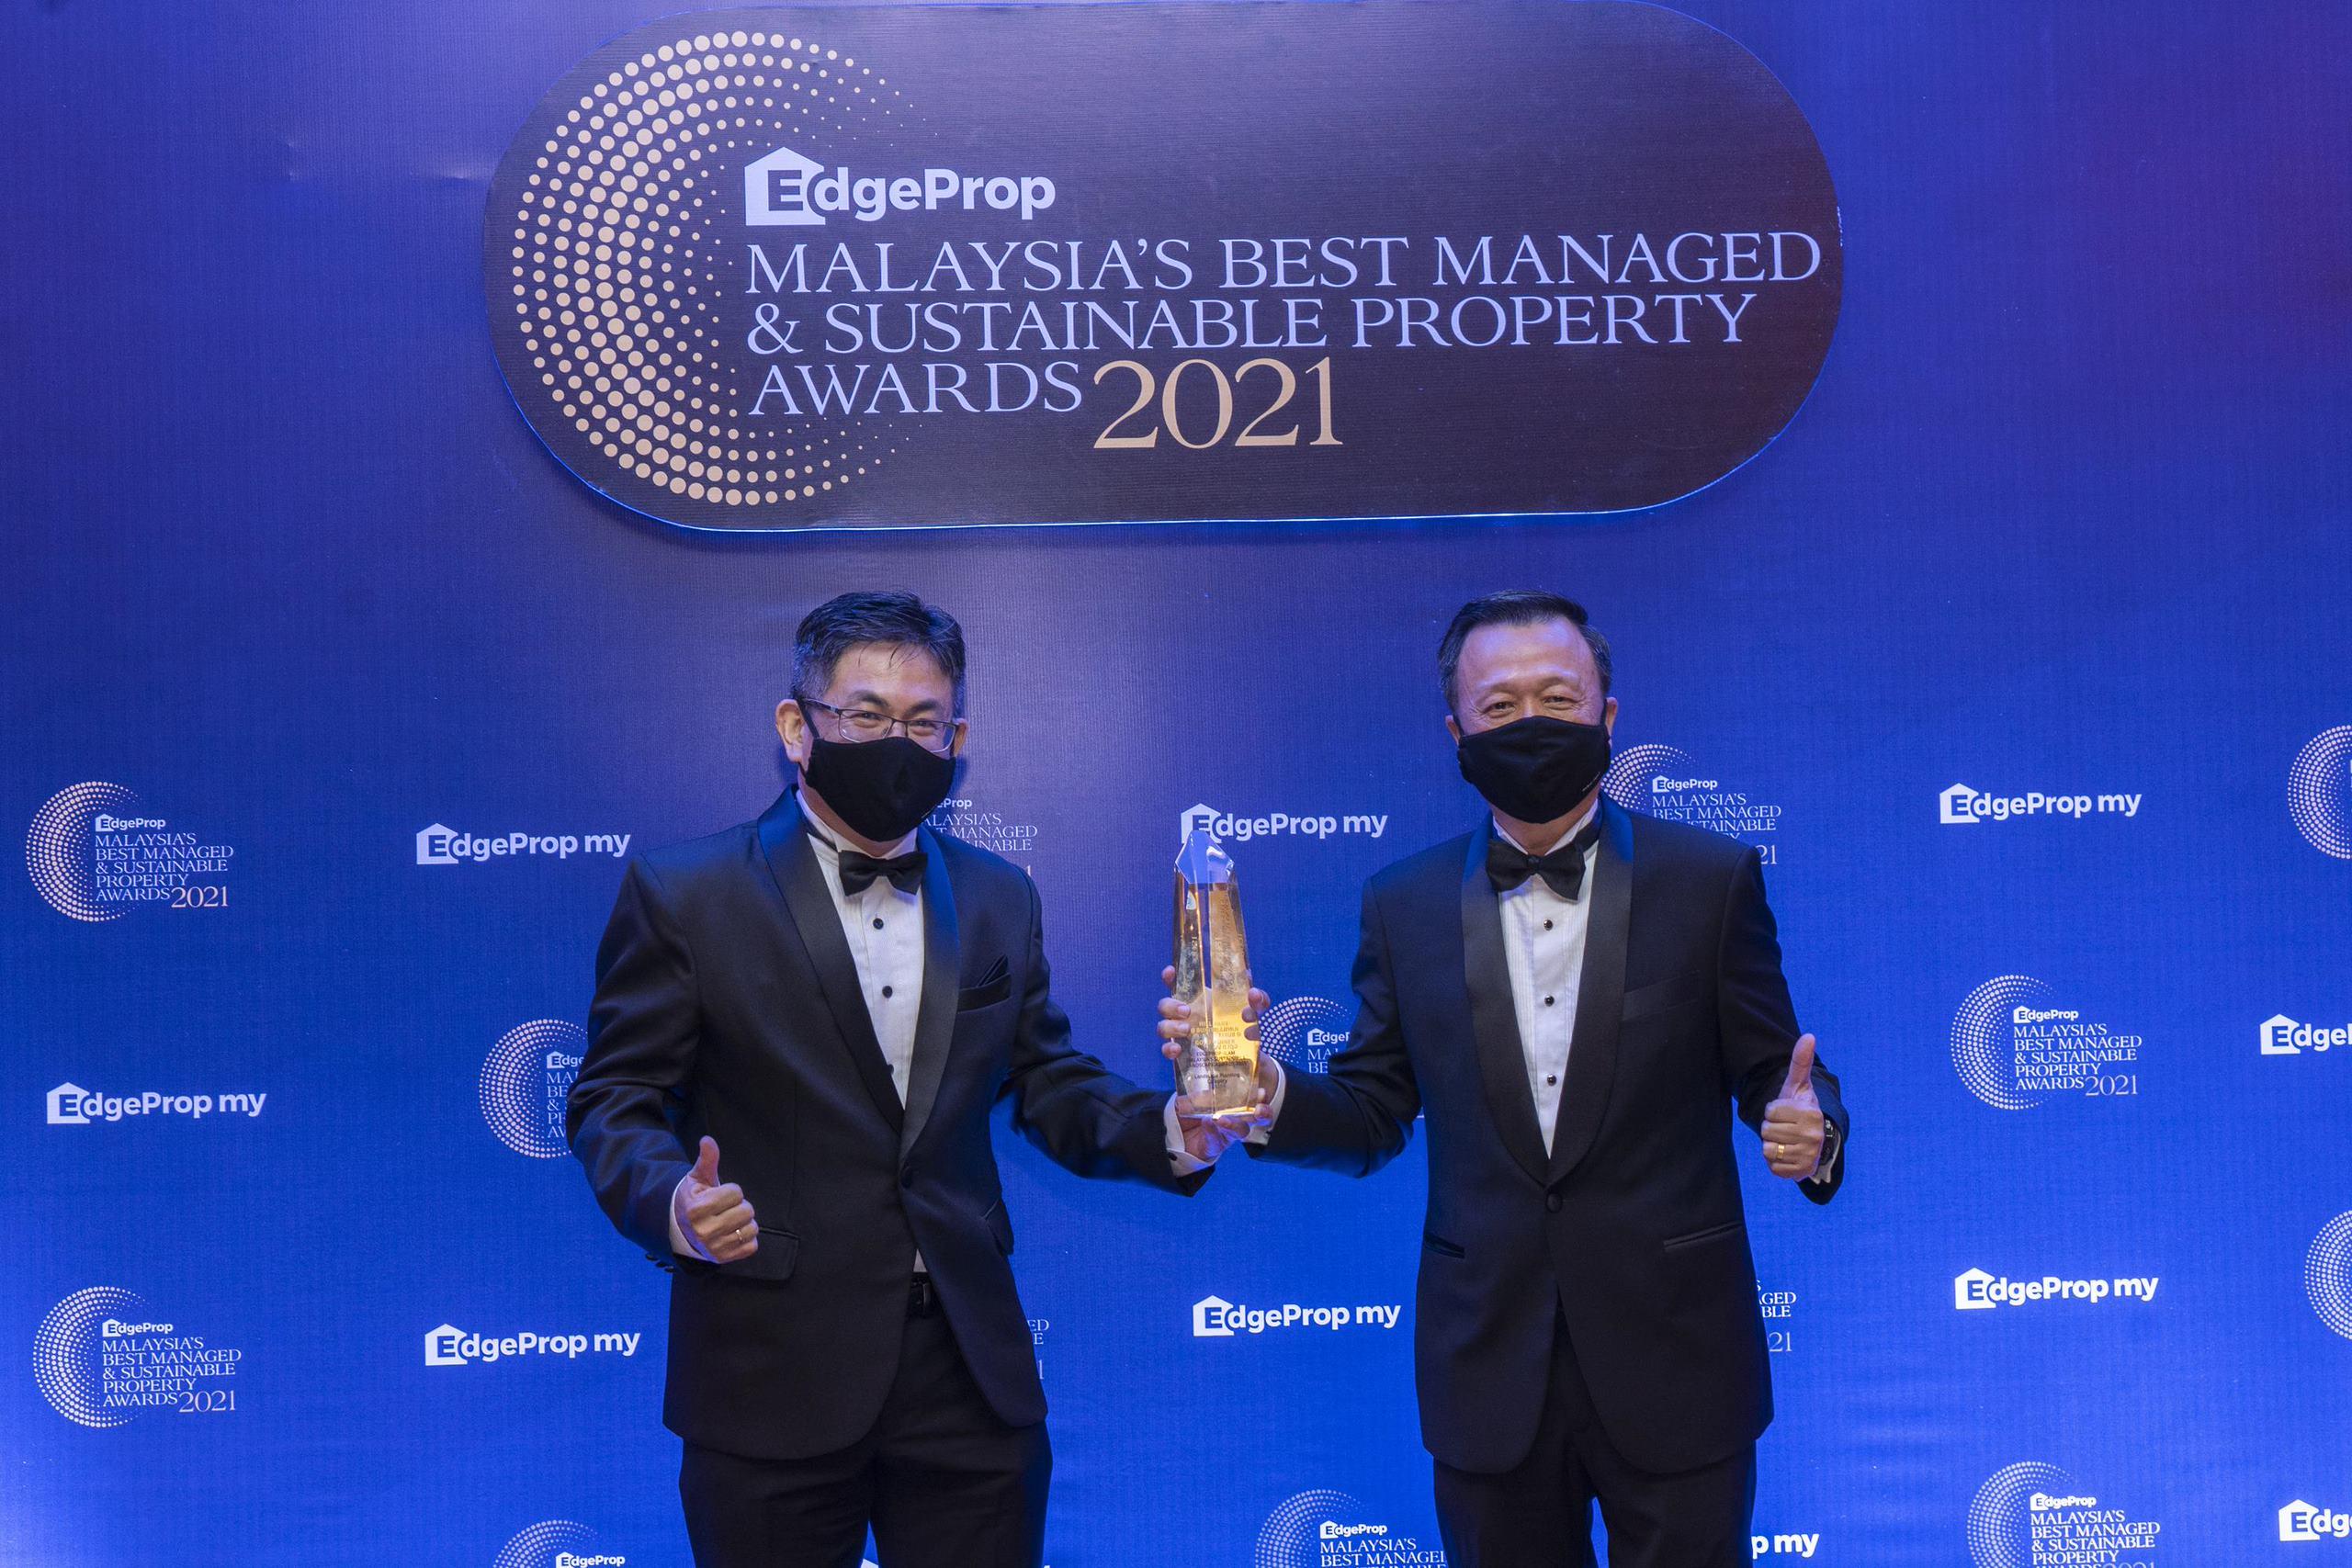 Wang Chong Hwa and Ooi Hun Peng